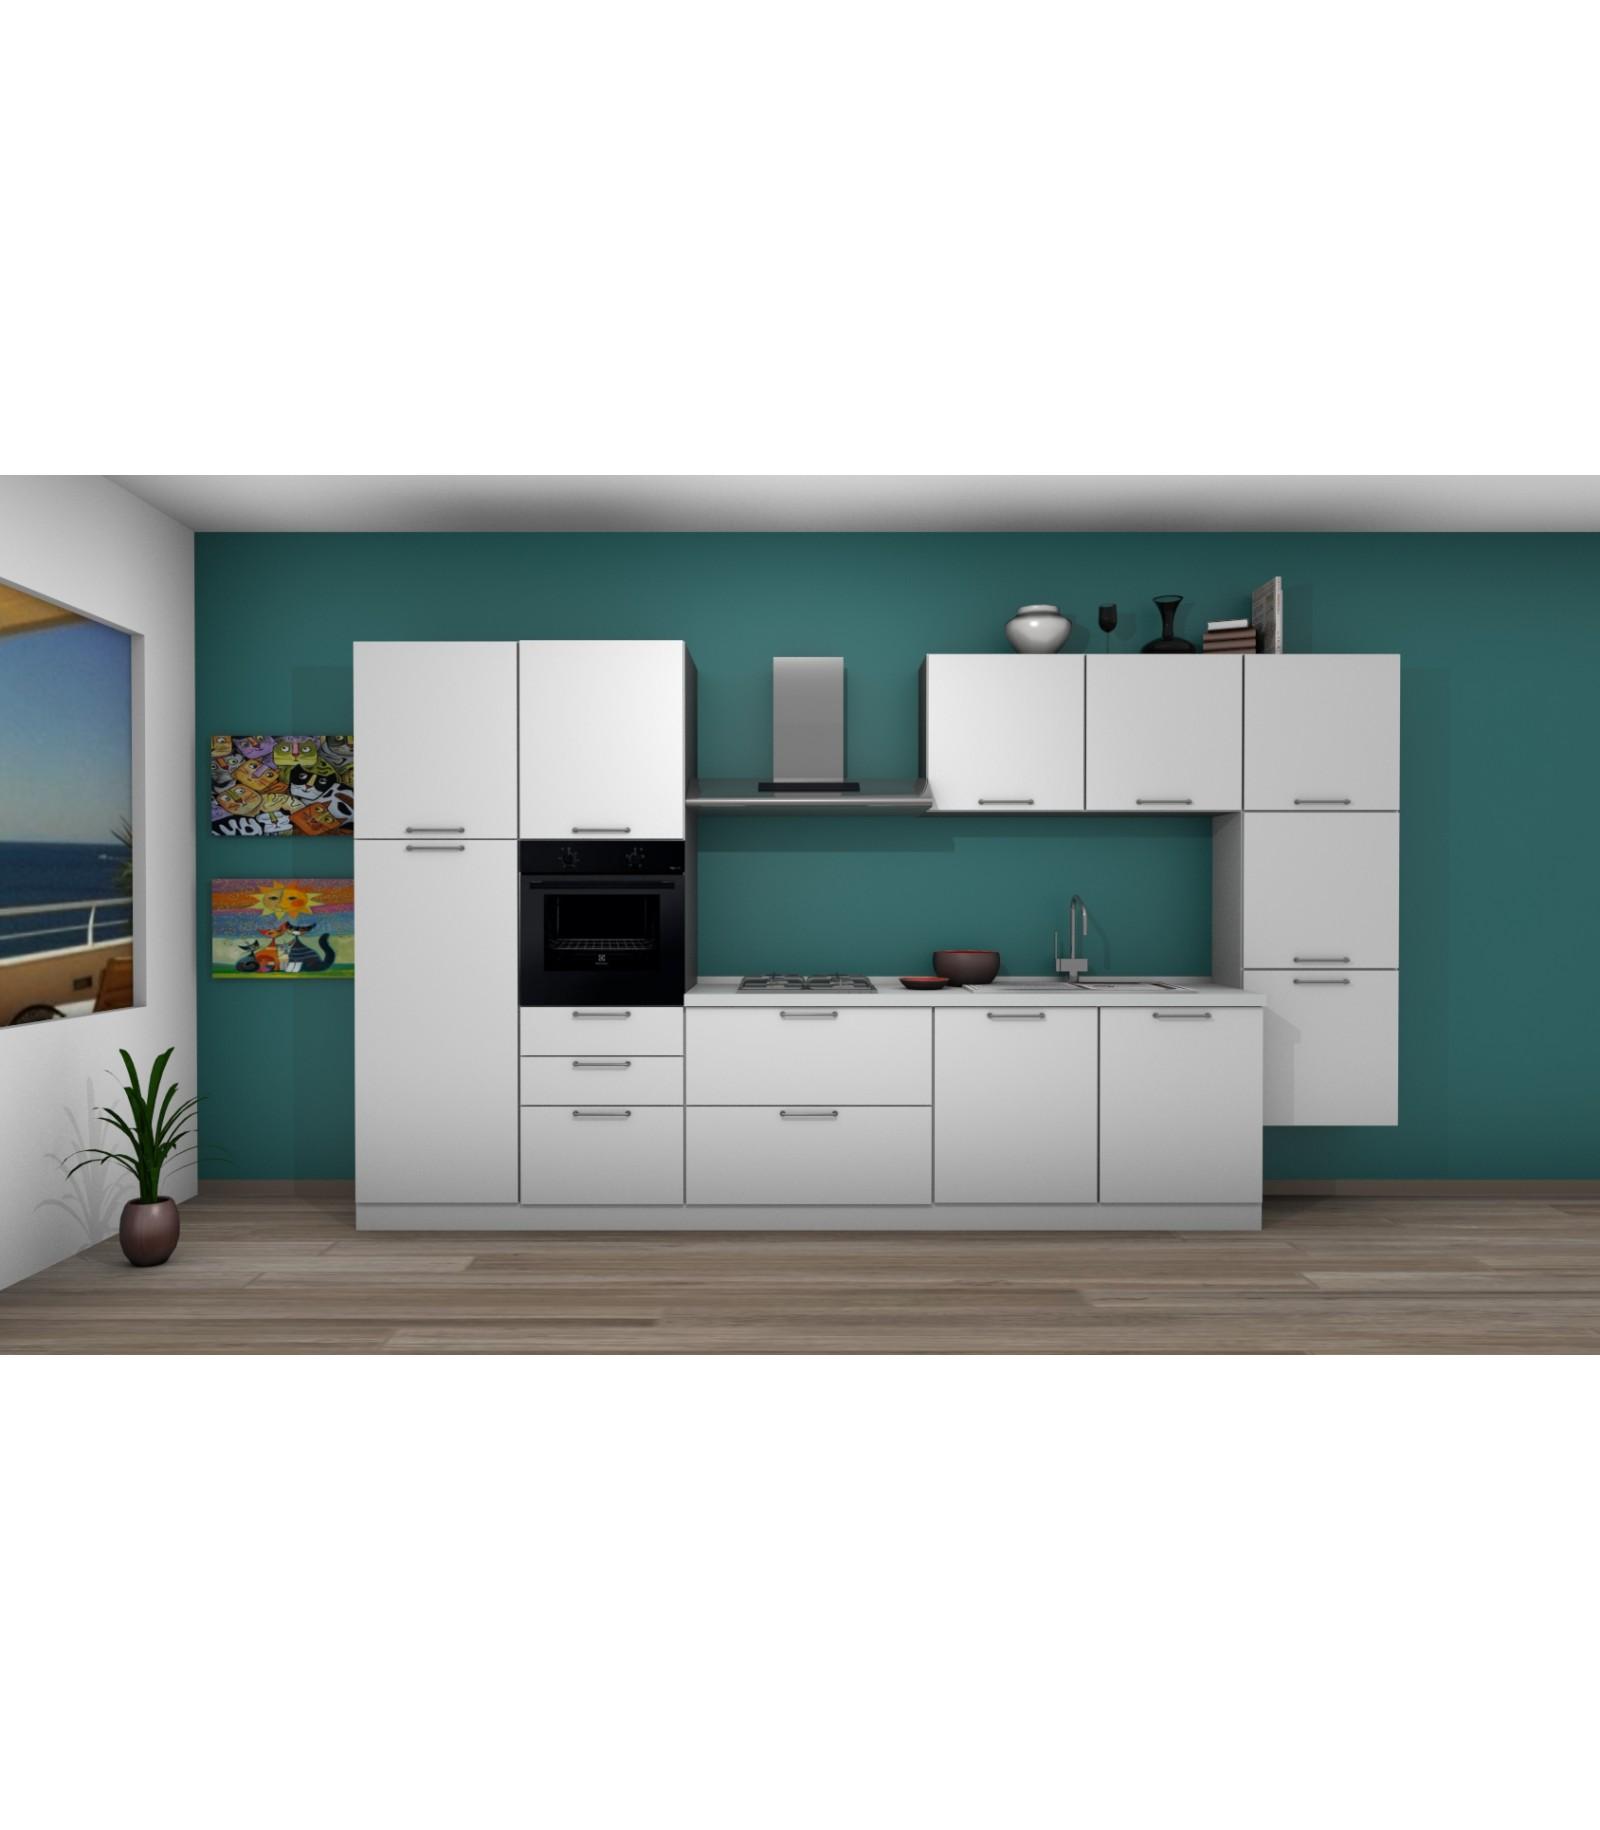 Cucina 06 lunghezza 390 cm mariotti casa - Lunghezza cucina ...